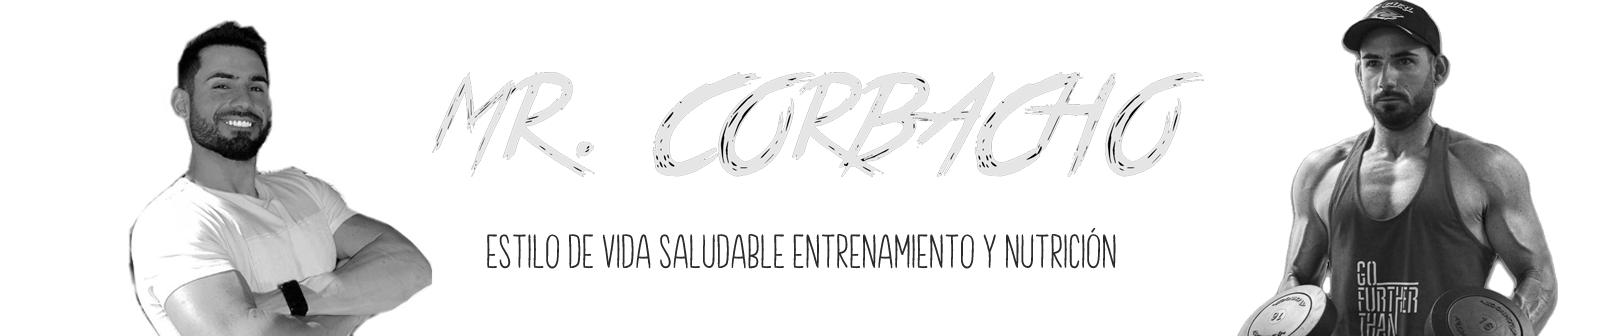 Mr Corbacho | NUTRICIÓN Y ENTRENAMIENTO